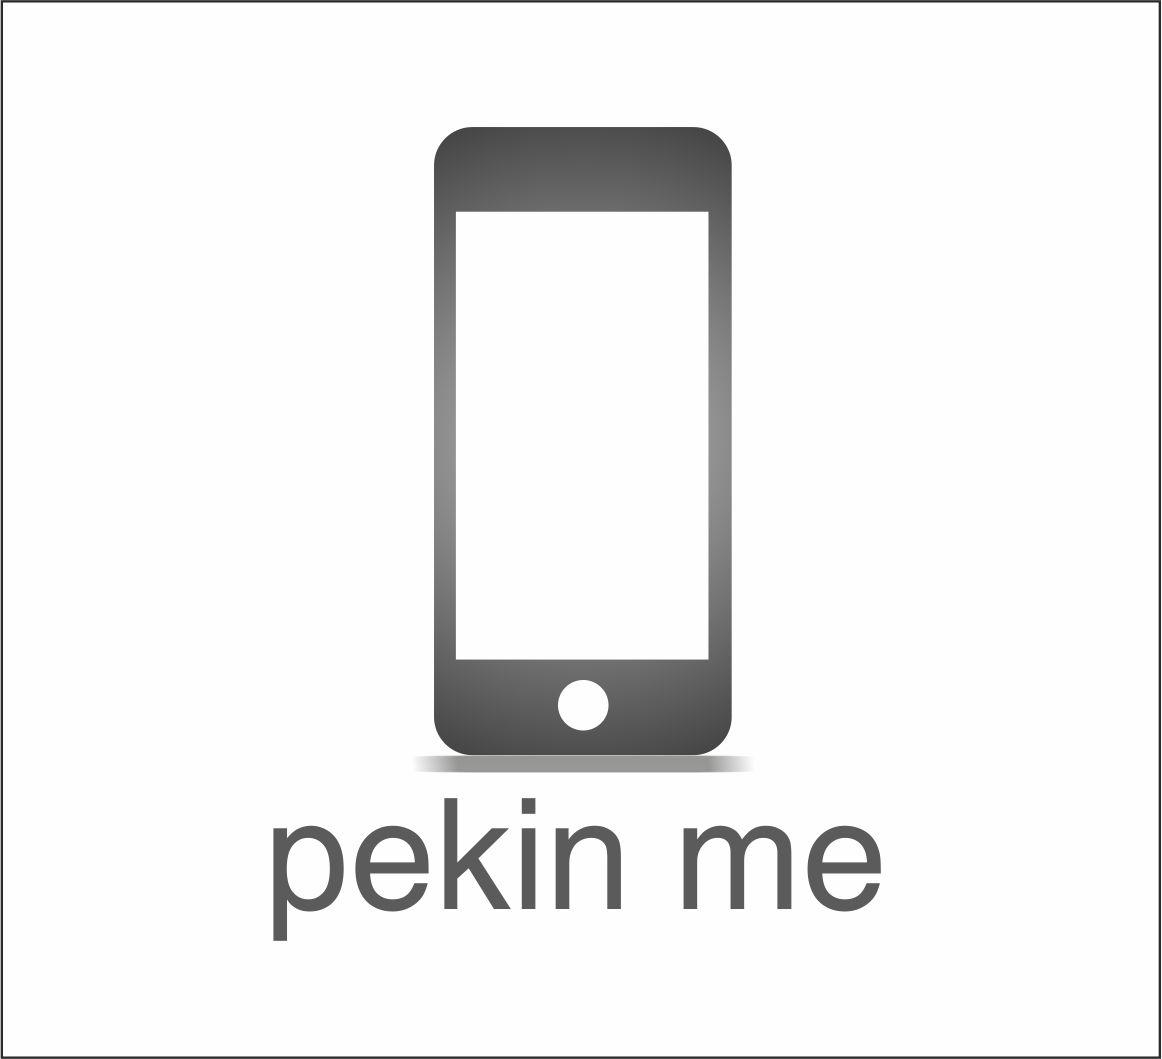 Логотип для компании pekin.me - дизайнер AmbaBeat